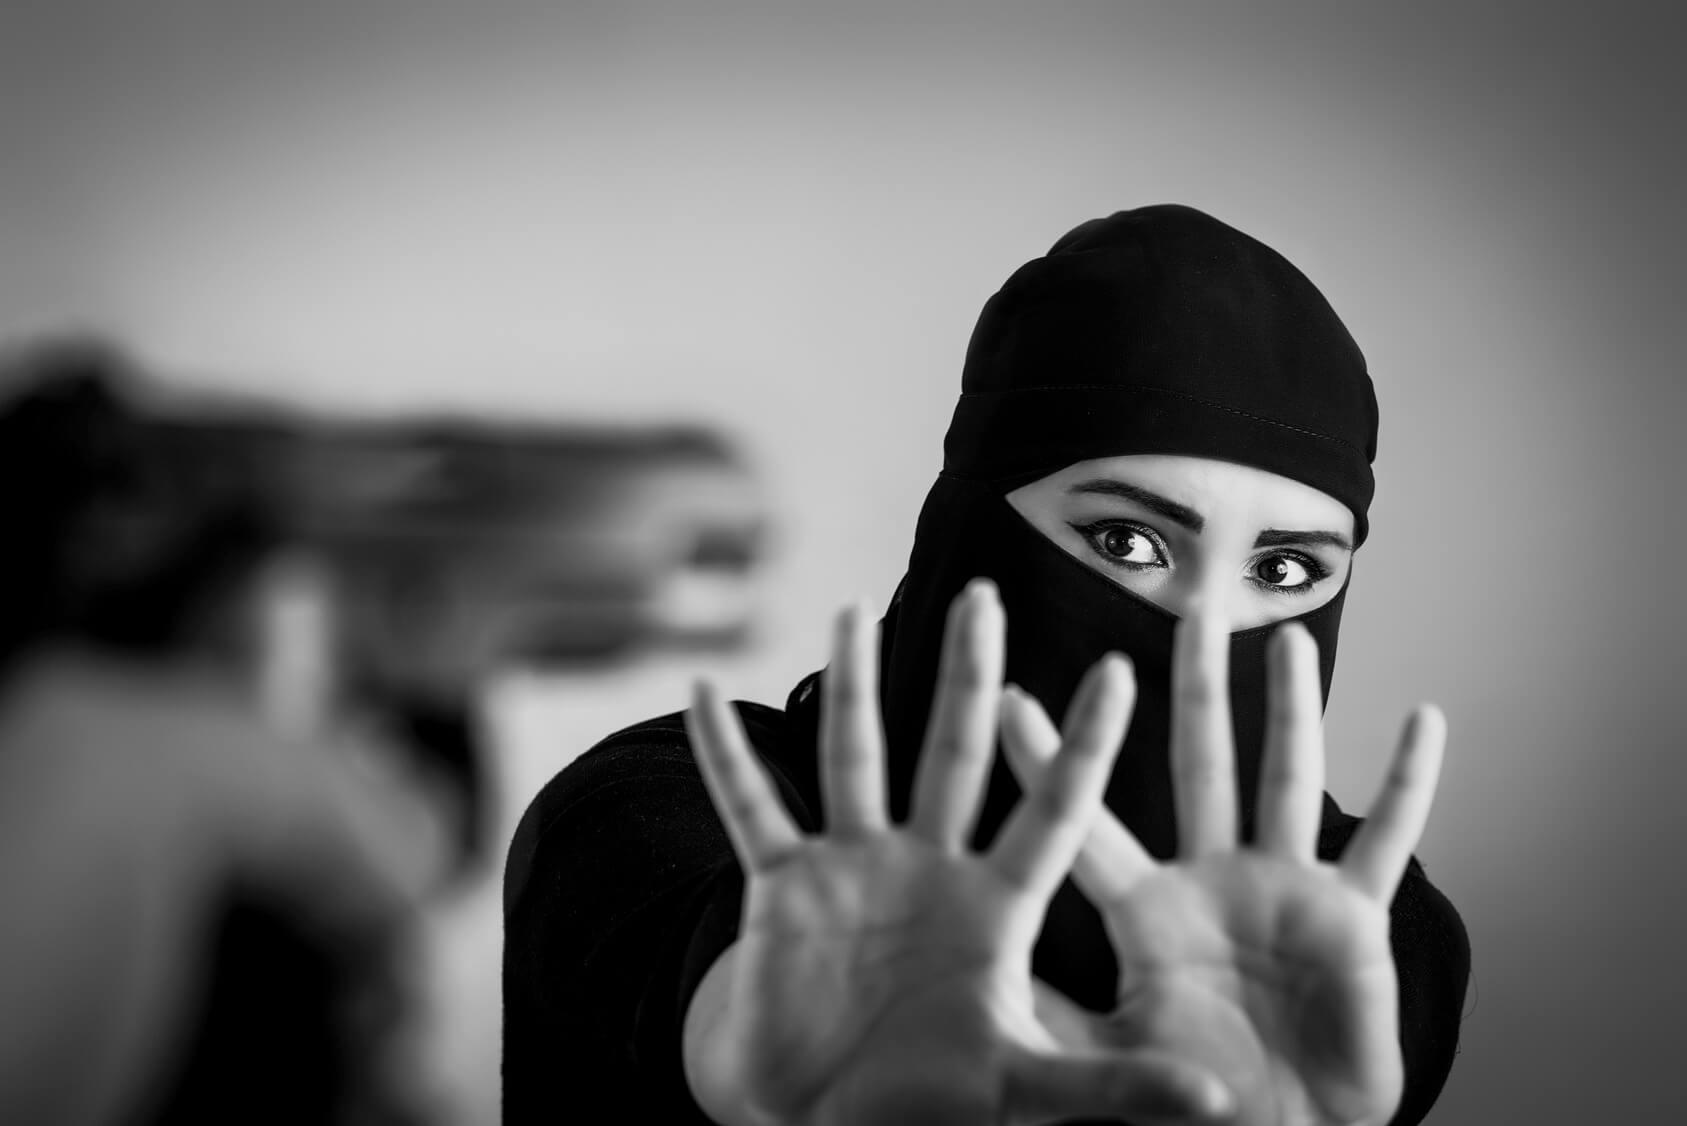 Como que esse medo motiva a intolerância religiosa e como seria possível combatê-lo?